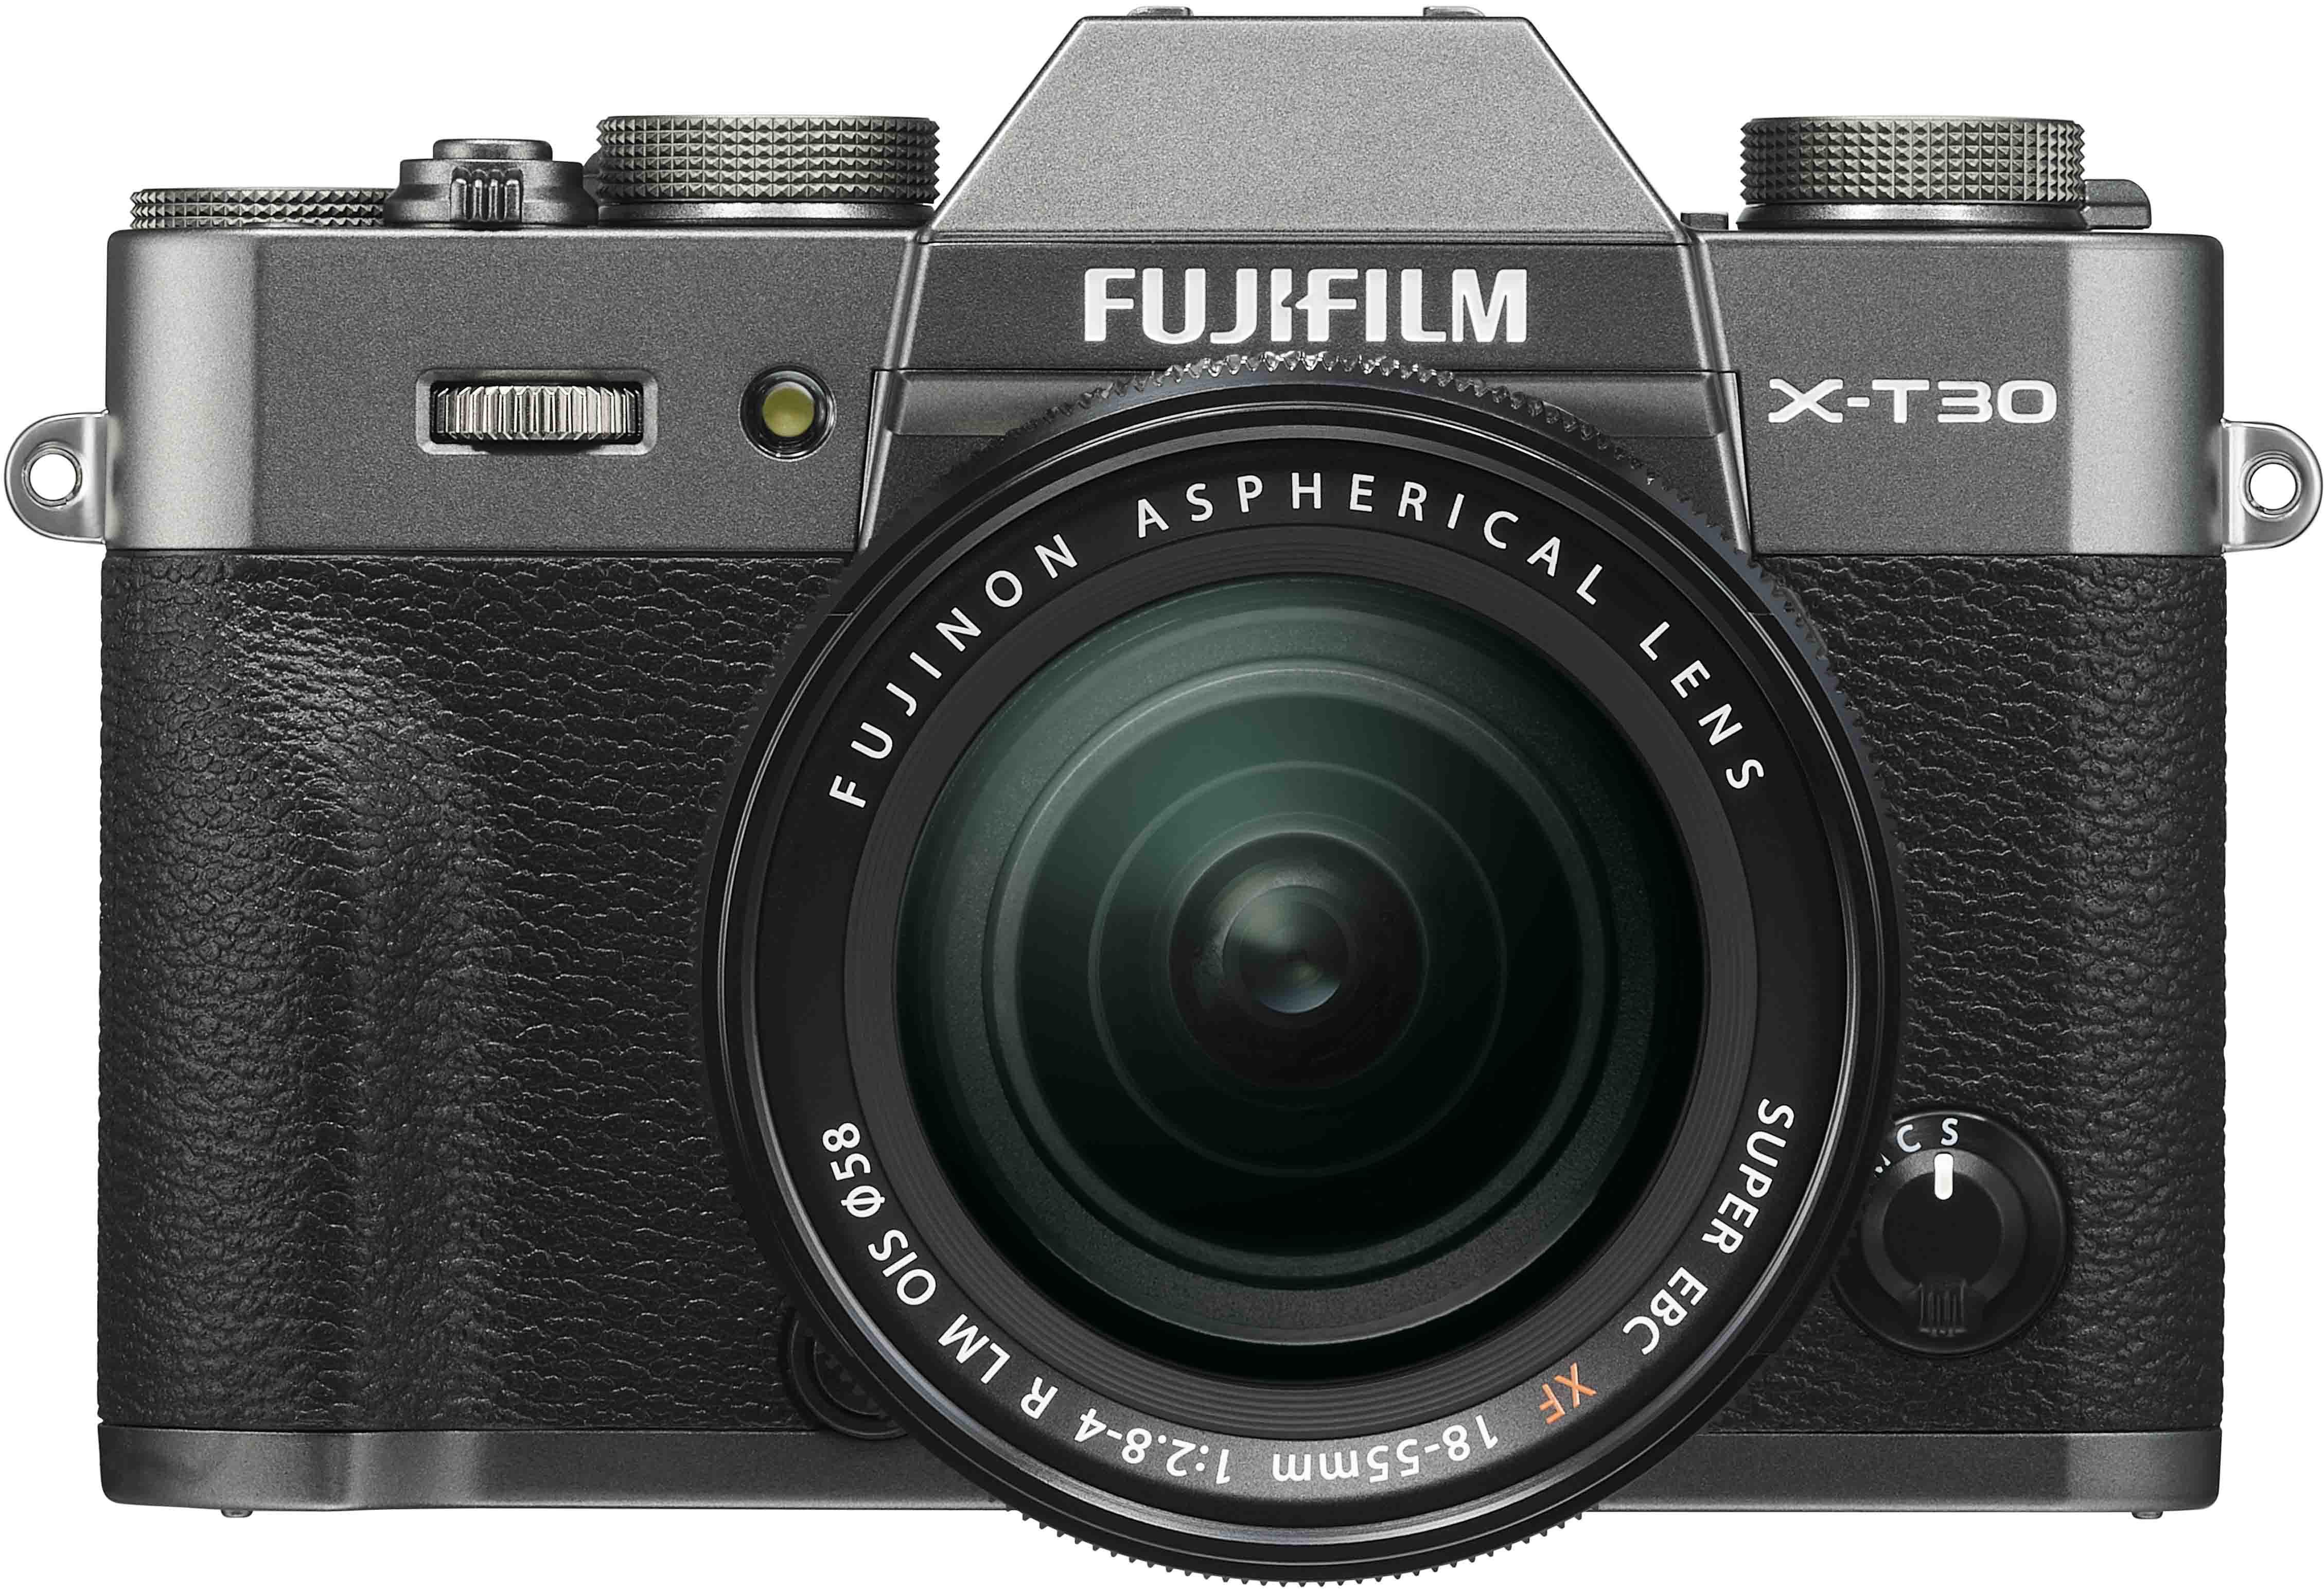 Fujifilm X-T30 + 18-55mm Kit, kokogles pelēks 4547410400281 16620125 Digitālā kamera